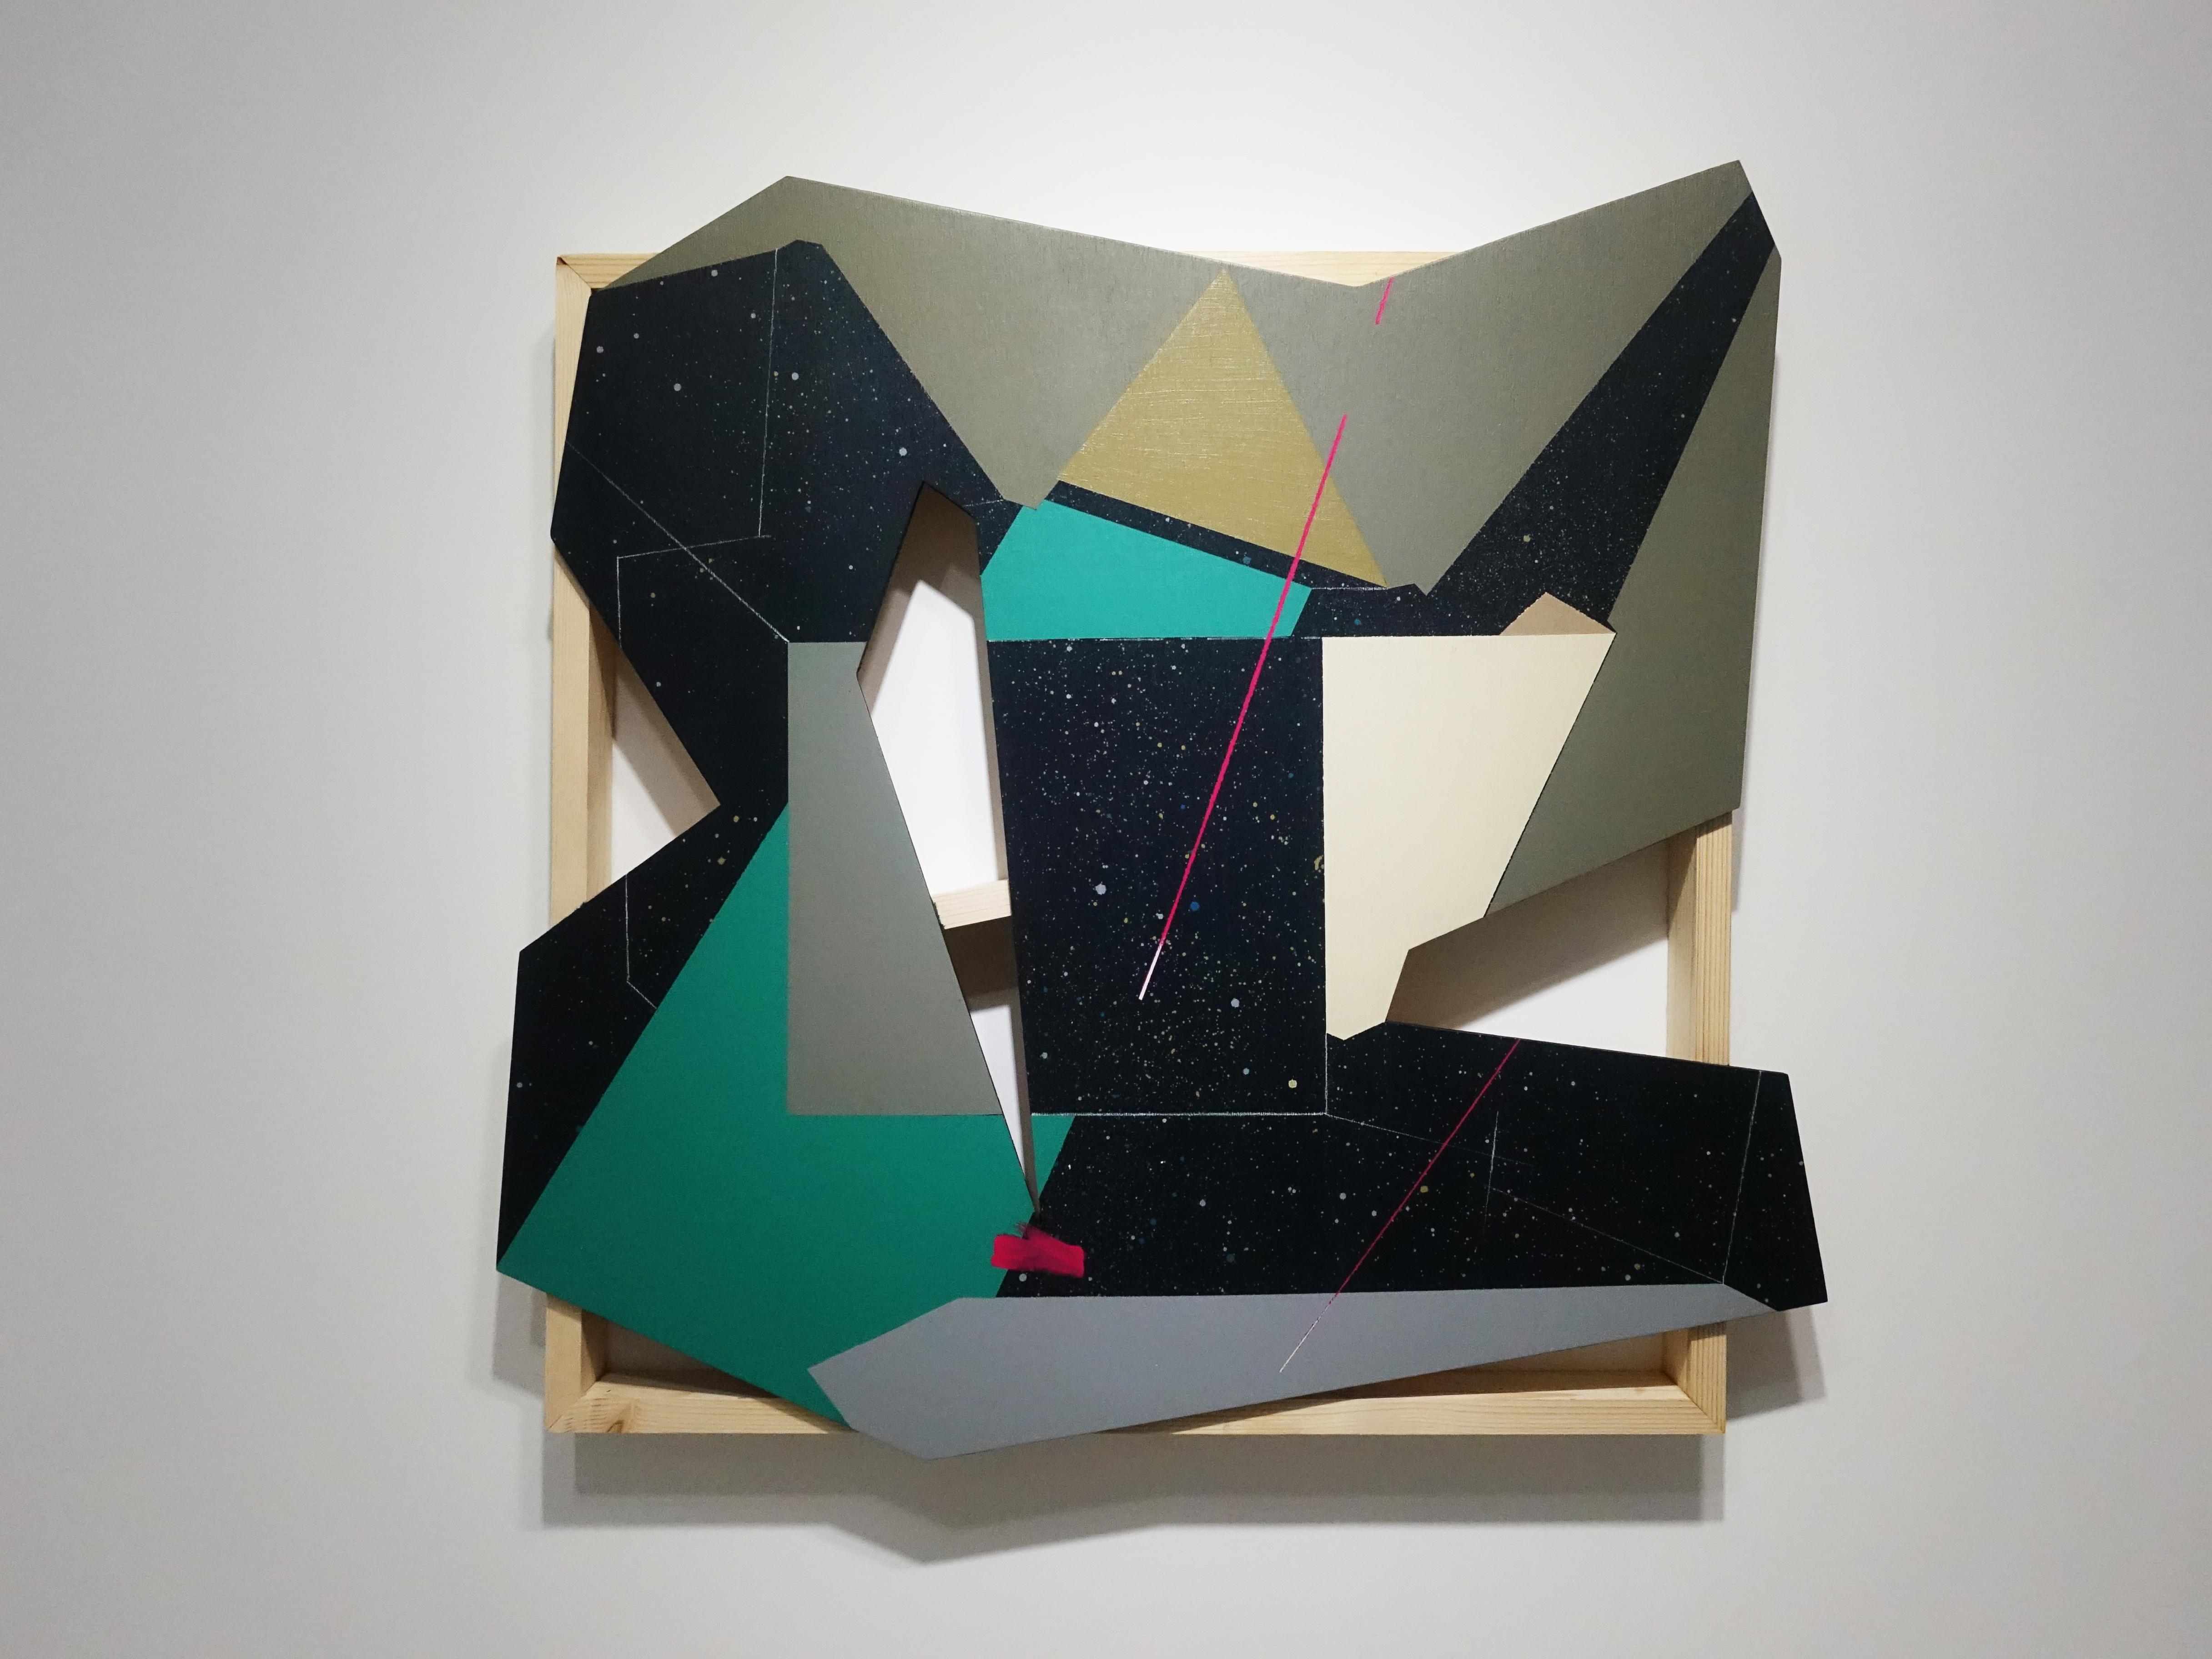 張獻文,《層敘・砌2》,60x60x5 cm,木板、丙烯酸顏料、炭精筆、鉛筆,2019。